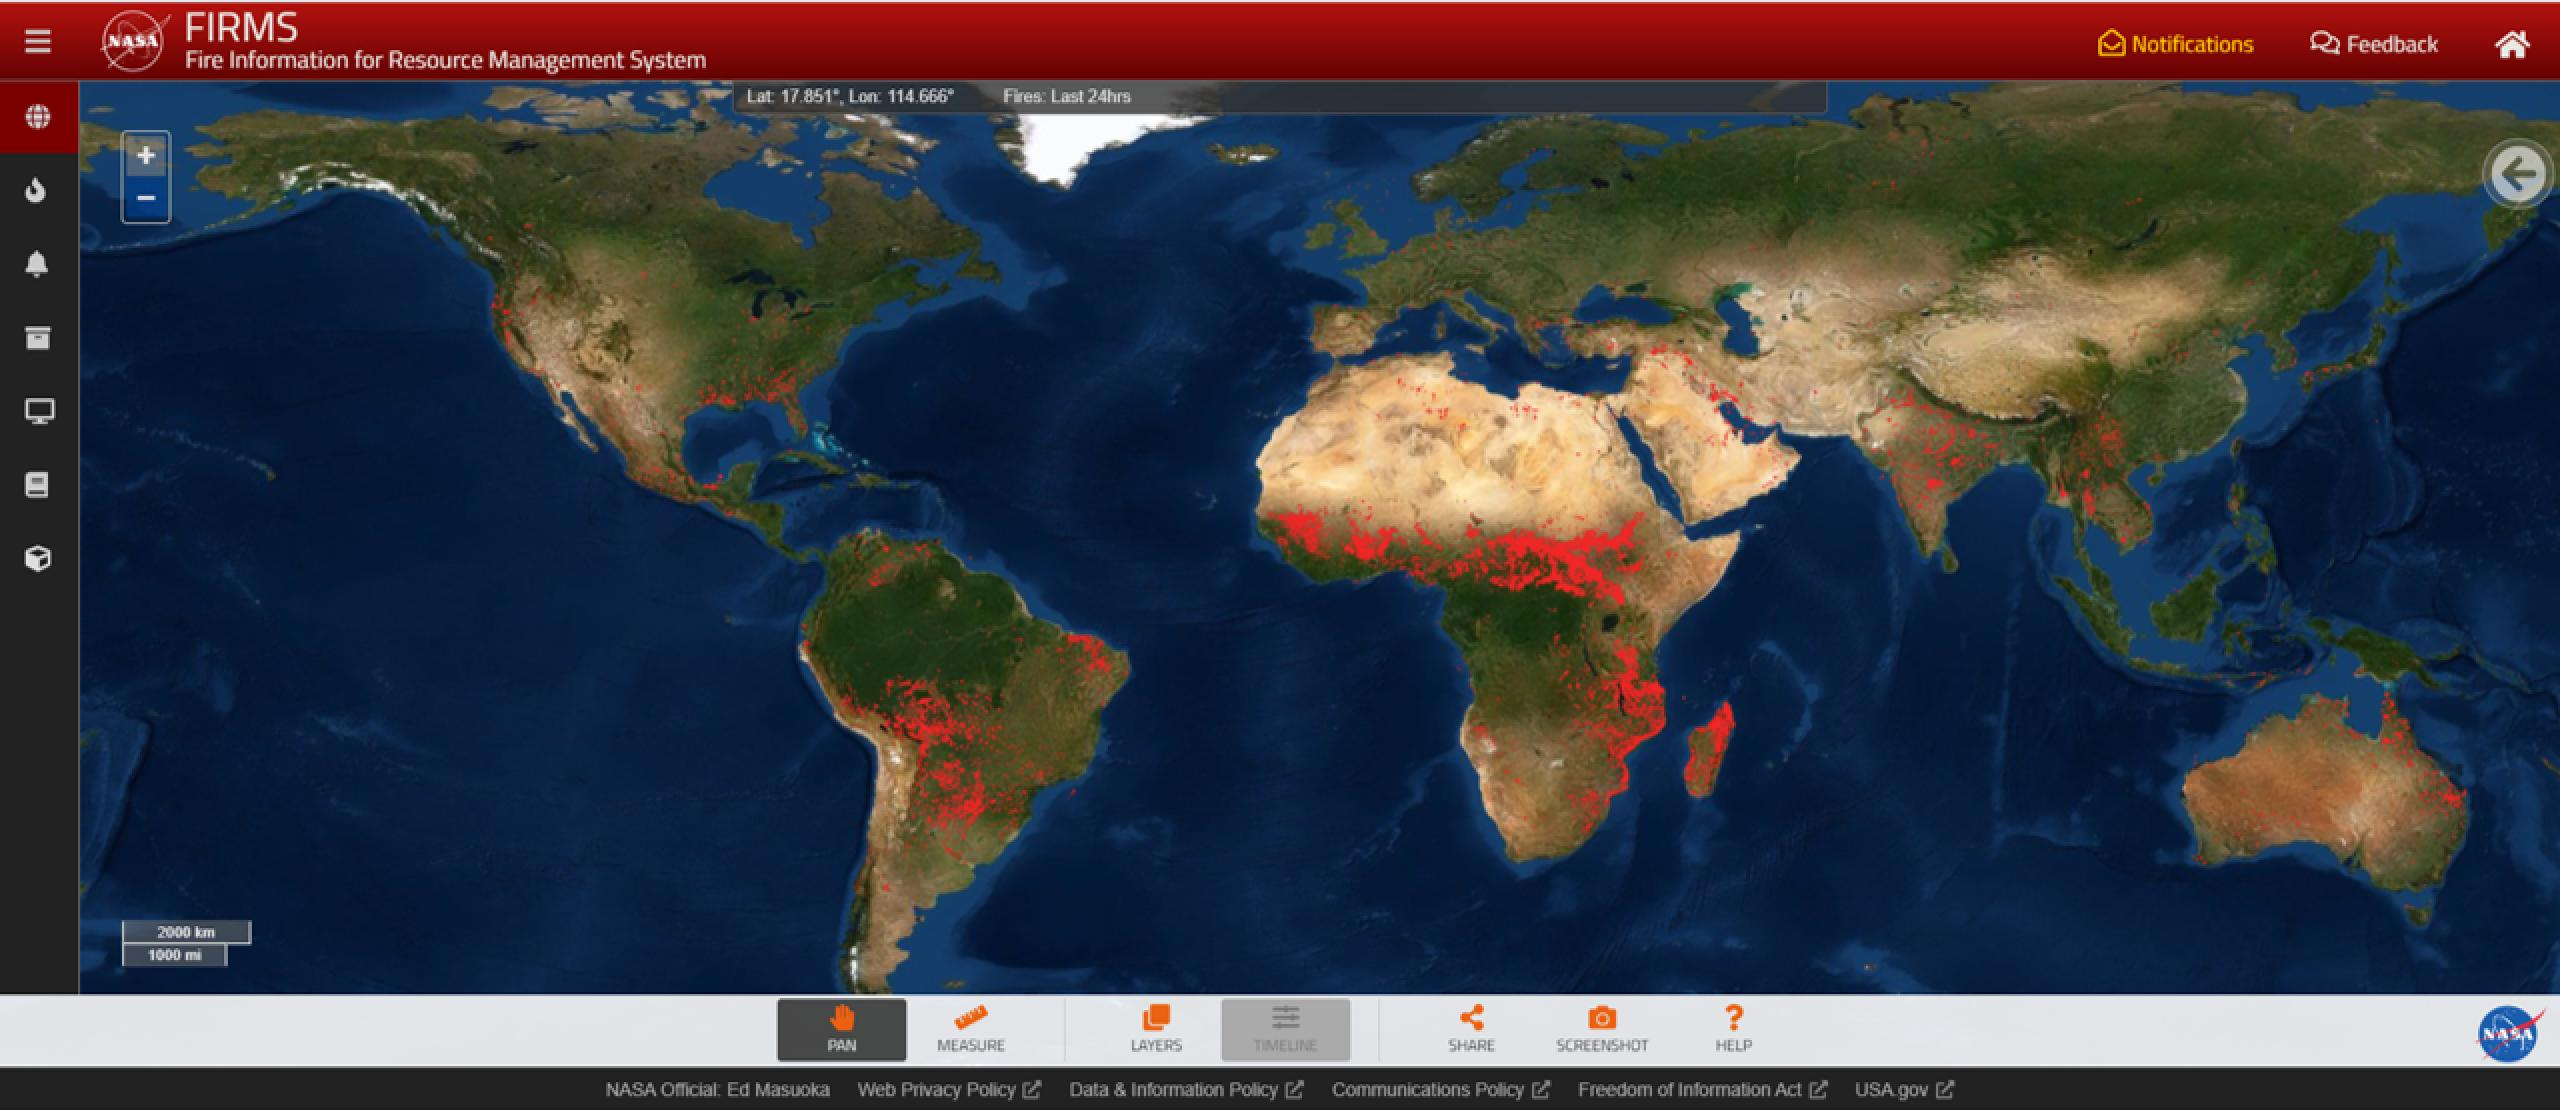 Screenshot of fire data across the world map